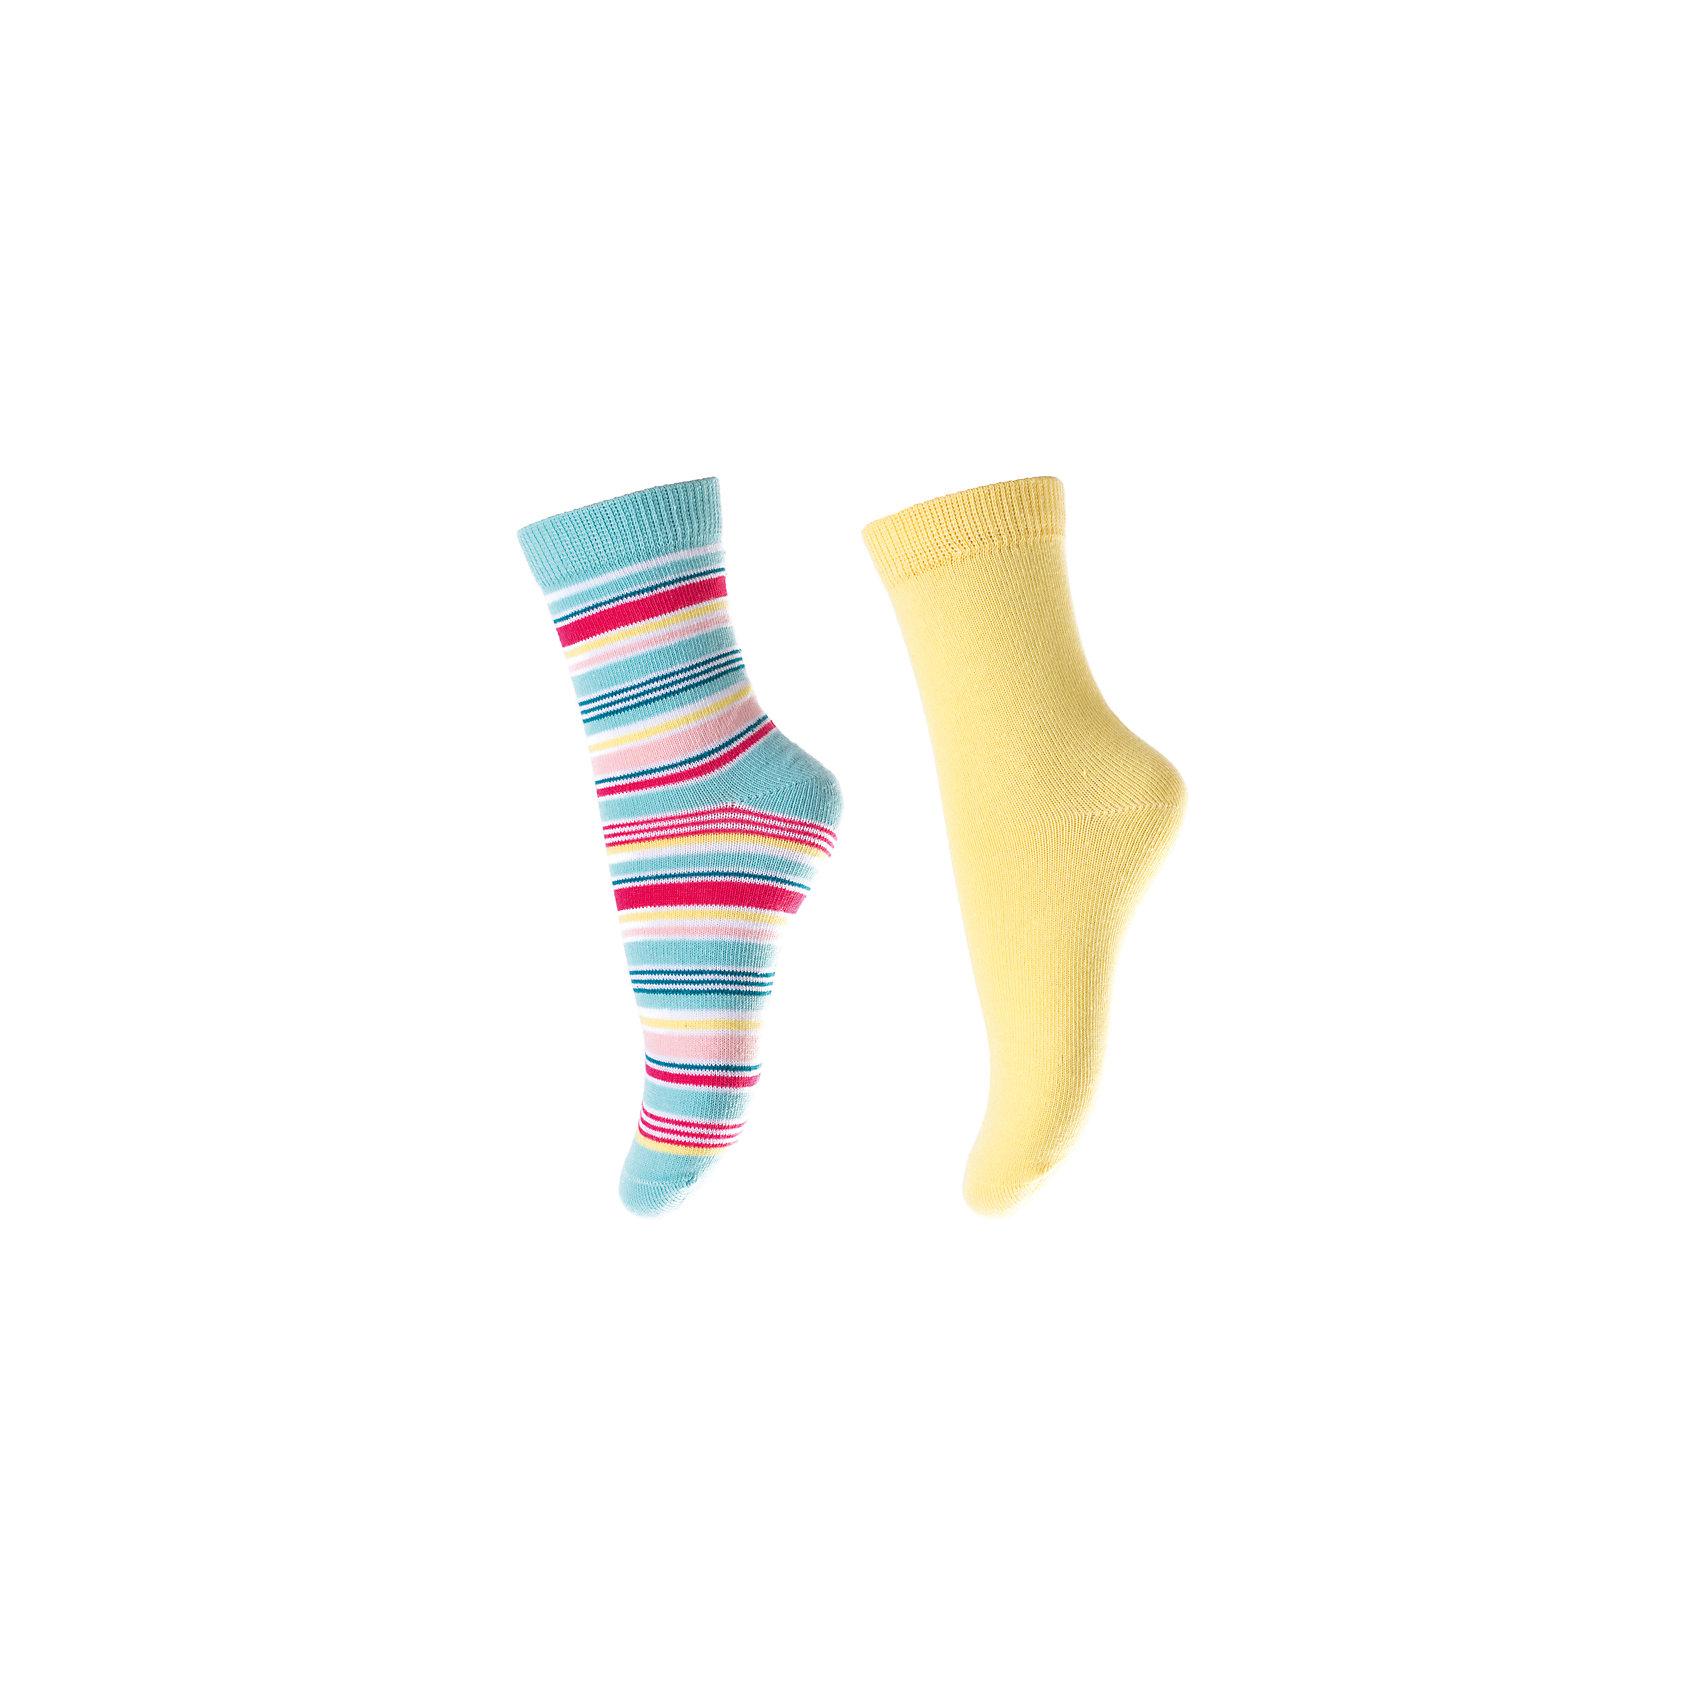 Носки для девочки PlayTodayНоски<br>Характеристики товара:<br><br>• цвет: разноцветный<br>• состав: 75% хлопок, 22% нейлон, 3% эластан<br>• долго служат<br>• качественный трикотаж<br>• дышащий материал<br>• мягкая резинка<br>• комфортная посадка<br>• коллекция: весна-лето 2017<br>• страна бренда: Германия<br>• страна производства: Китай<br><br>Популярный бренд PlayToday выпустил новую коллекцию! Вещи из неё продолжают радовать покупателей удобством, стильным дизайном и продуманным кроем. Дети носят их с удовольствием. PlayToday - это линейка товаров, созданная специально для детей. Дизайнеры учитывают новые веяния моды и потребности детей. Порадуйте ребенка обновкой от проверенного производителя!<br>Эти носки обеспечат ребенку комфорт благодаря качественному материалу и продуманному крою. Отличный вариант удобной одежды - не натирает и не давит, не ограничивает свободу движений! Выглядит стильно и аккуратно.<br><br>Носки для девочки от известного бренда PlayToday можно купить в нашем интернет-магазине.<br><br>Ширина мм: 87<br>Глубина мм: 10<br>Высота мм: 105<br>Вес г: 115<br>Цвет: белый<br>Возраст от месяцев: 84<br>Возраст до месяцев: 96<br>Пол: Женский<br>Возраст: Детский<br>Размер: 18,14,16<br>SKU: 5403776